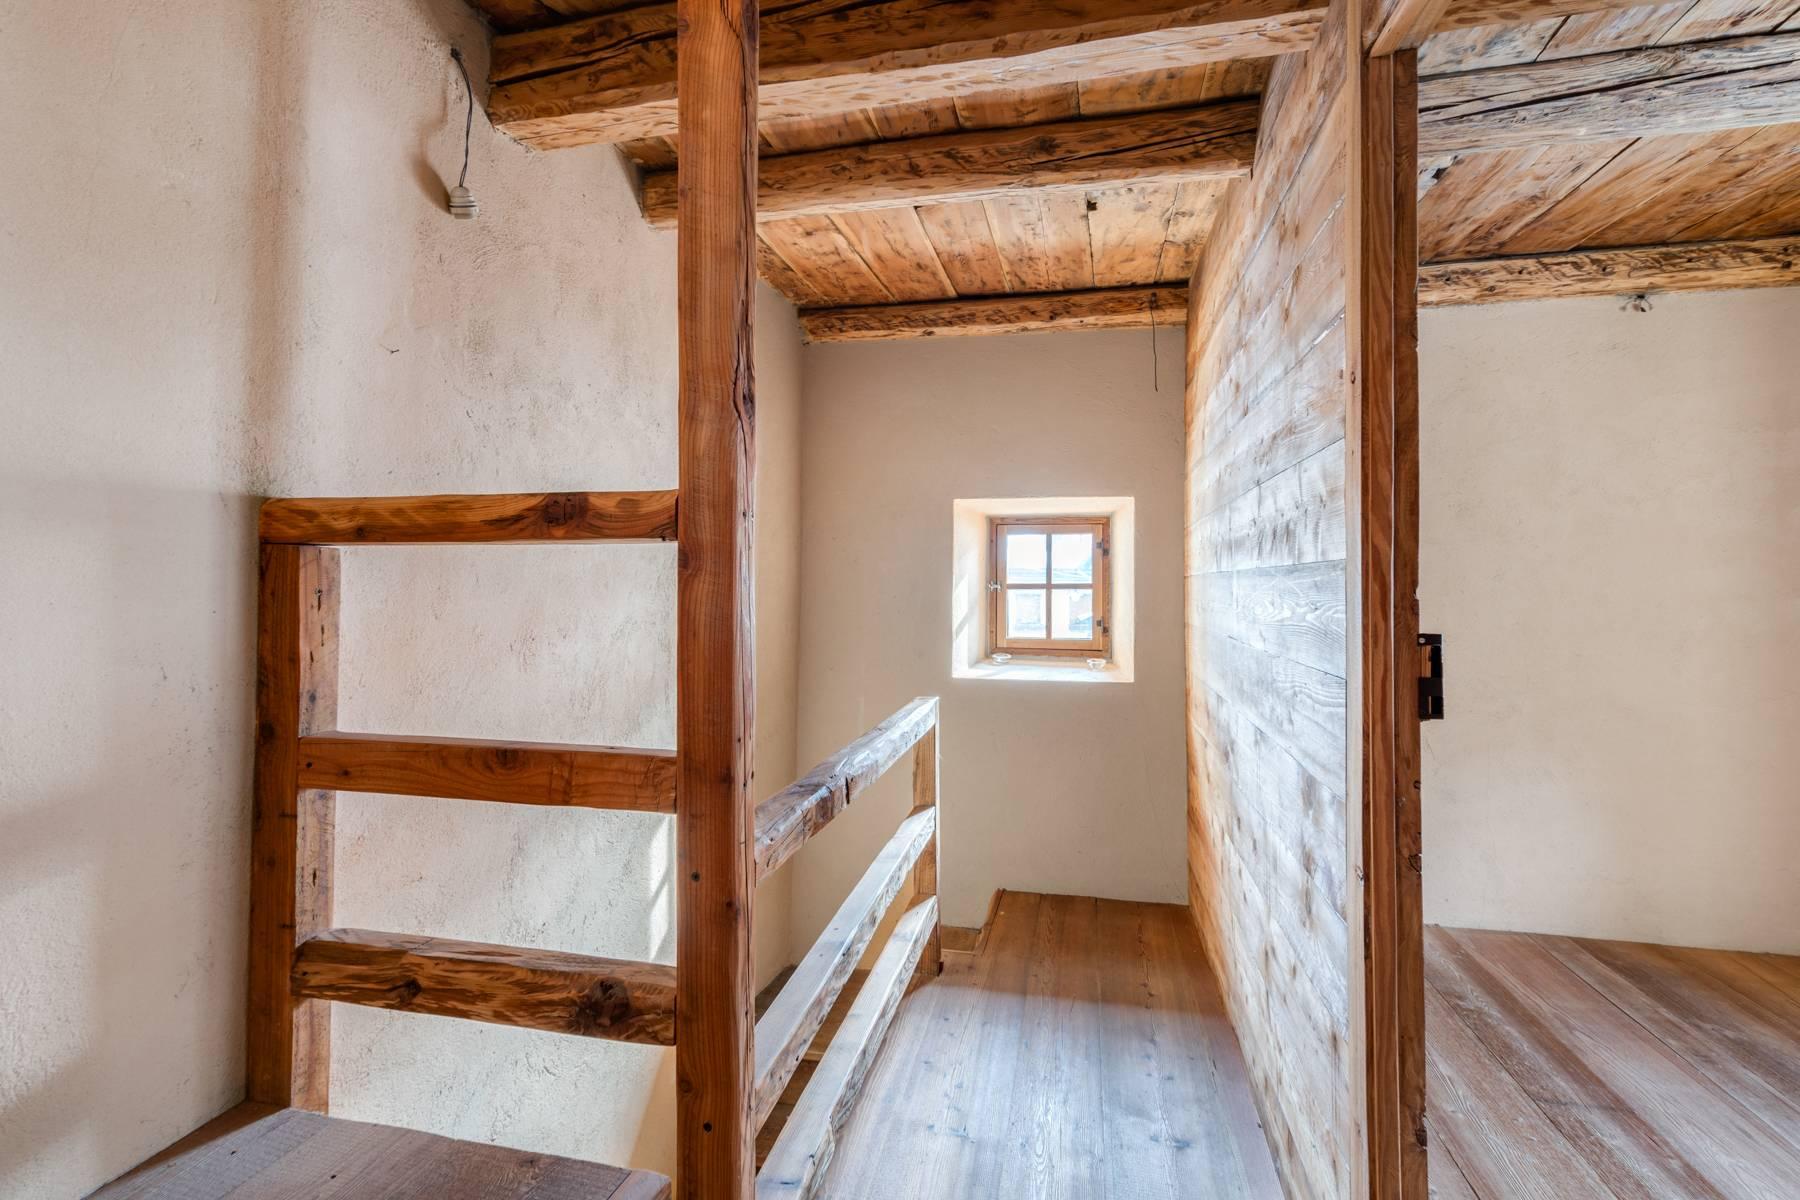 Casa indipendente in Vendita a Cesana Torinese: 5 locali, 180 mq - Foto 16